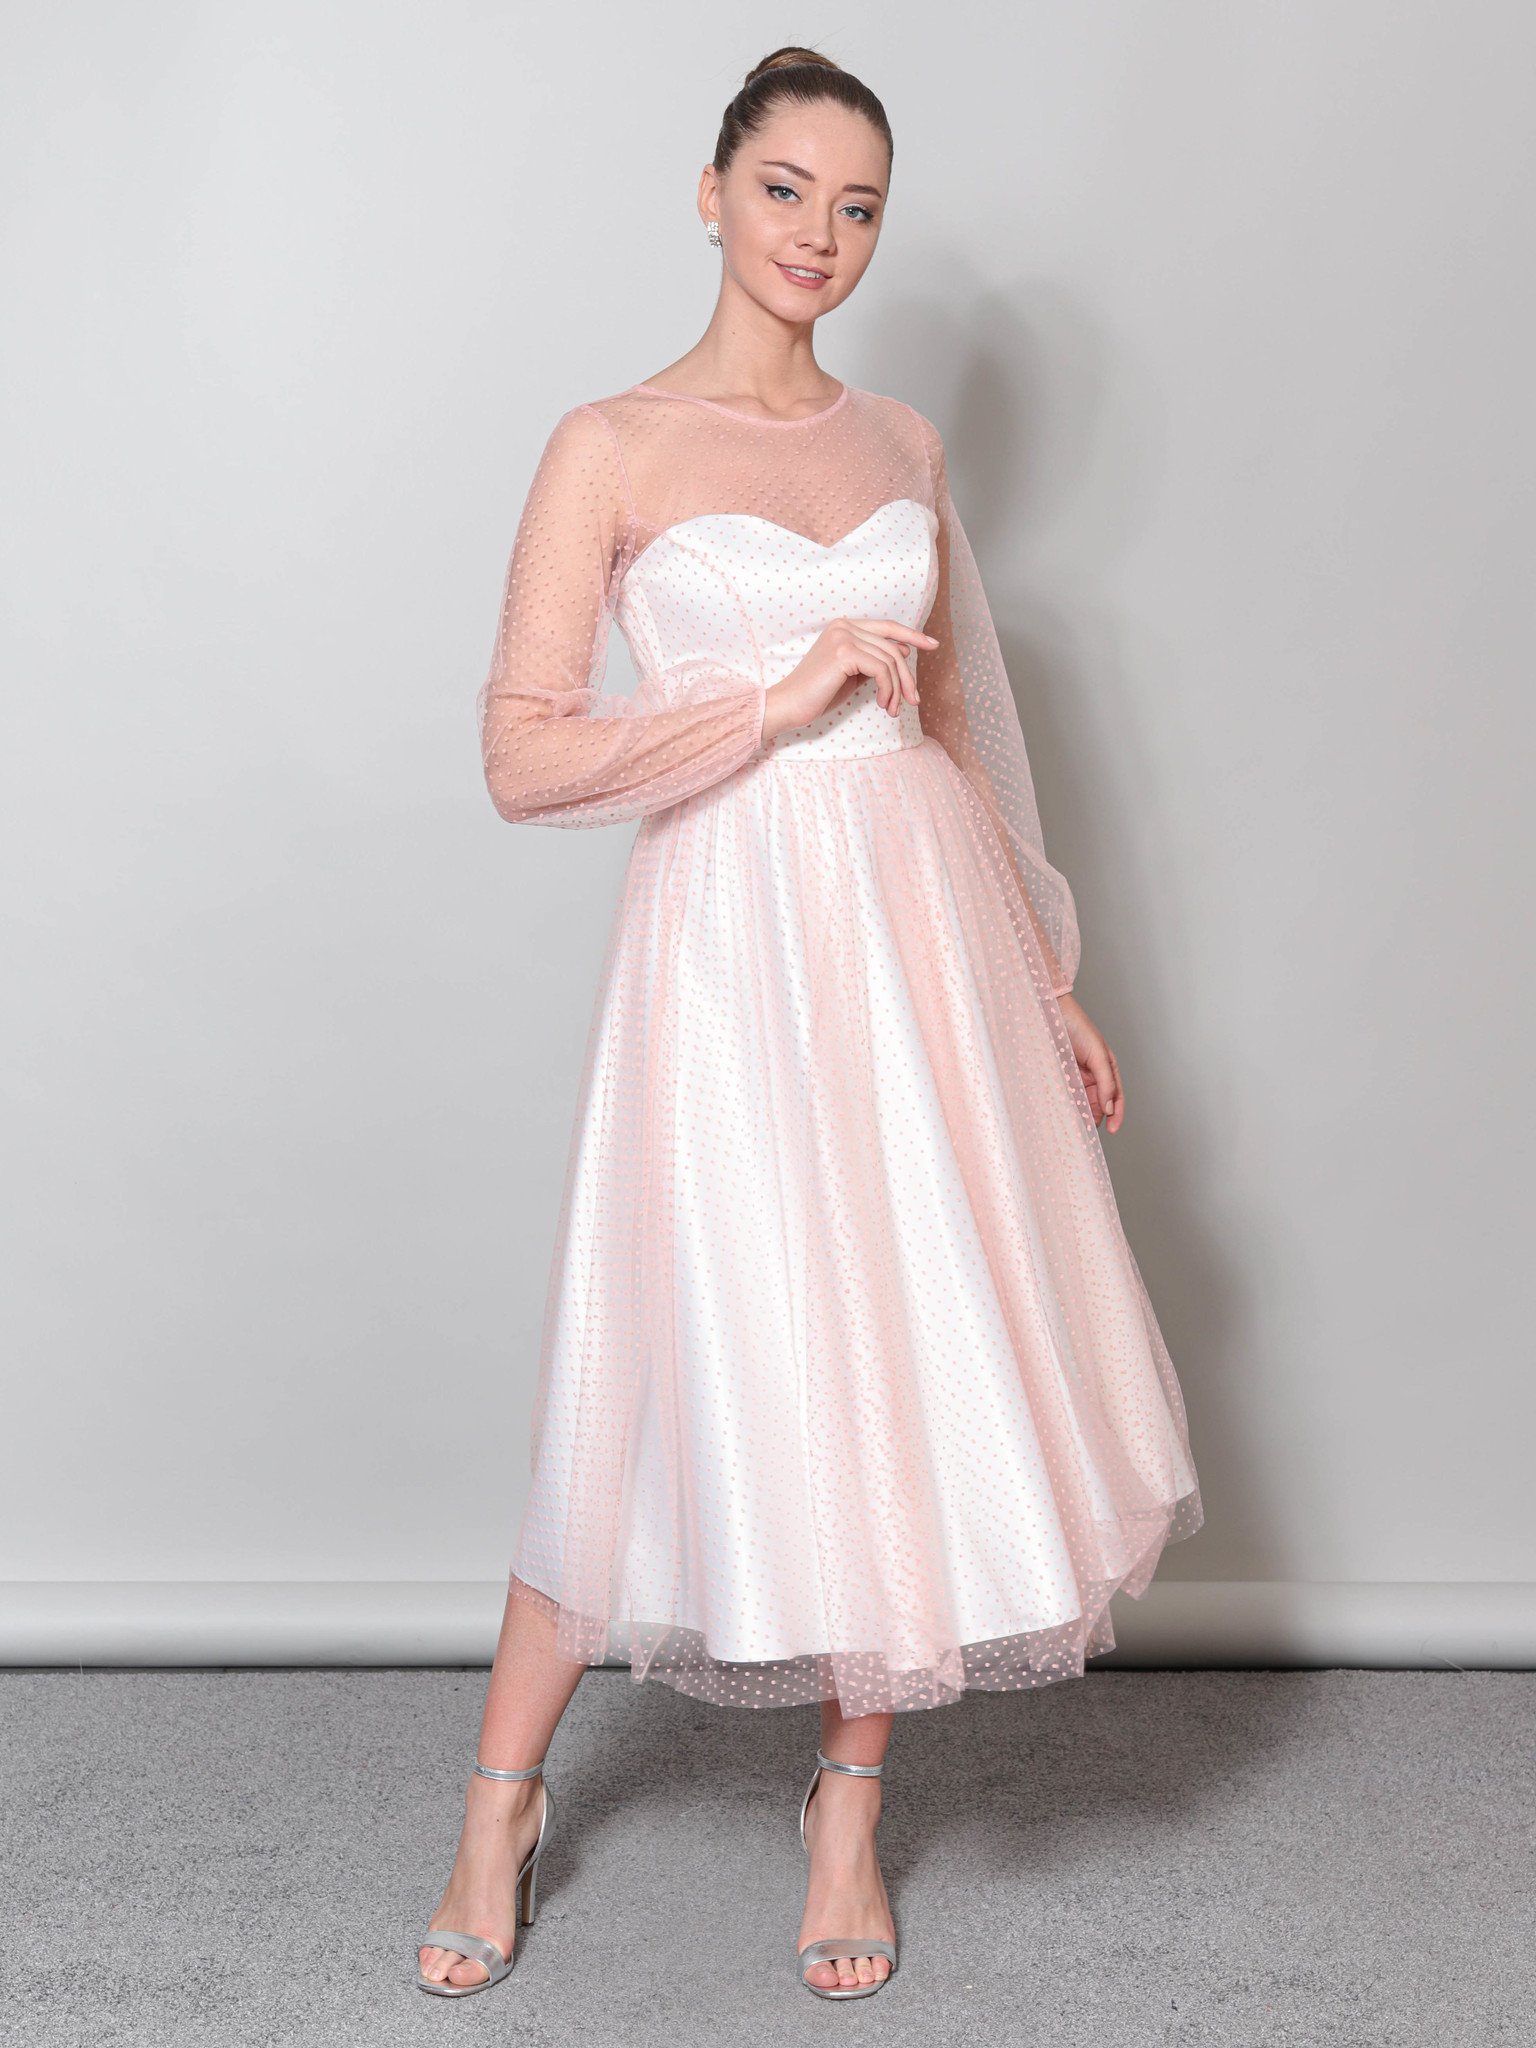 Свадебное платье с объемными рукавами из фатины (молочный-персик)